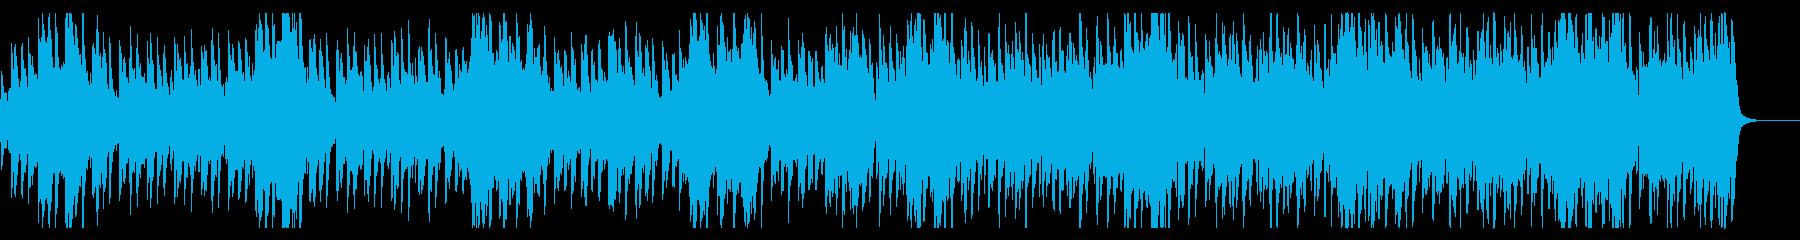 浮遊感漂うメランコリックなトリップホップの再生済みの波形